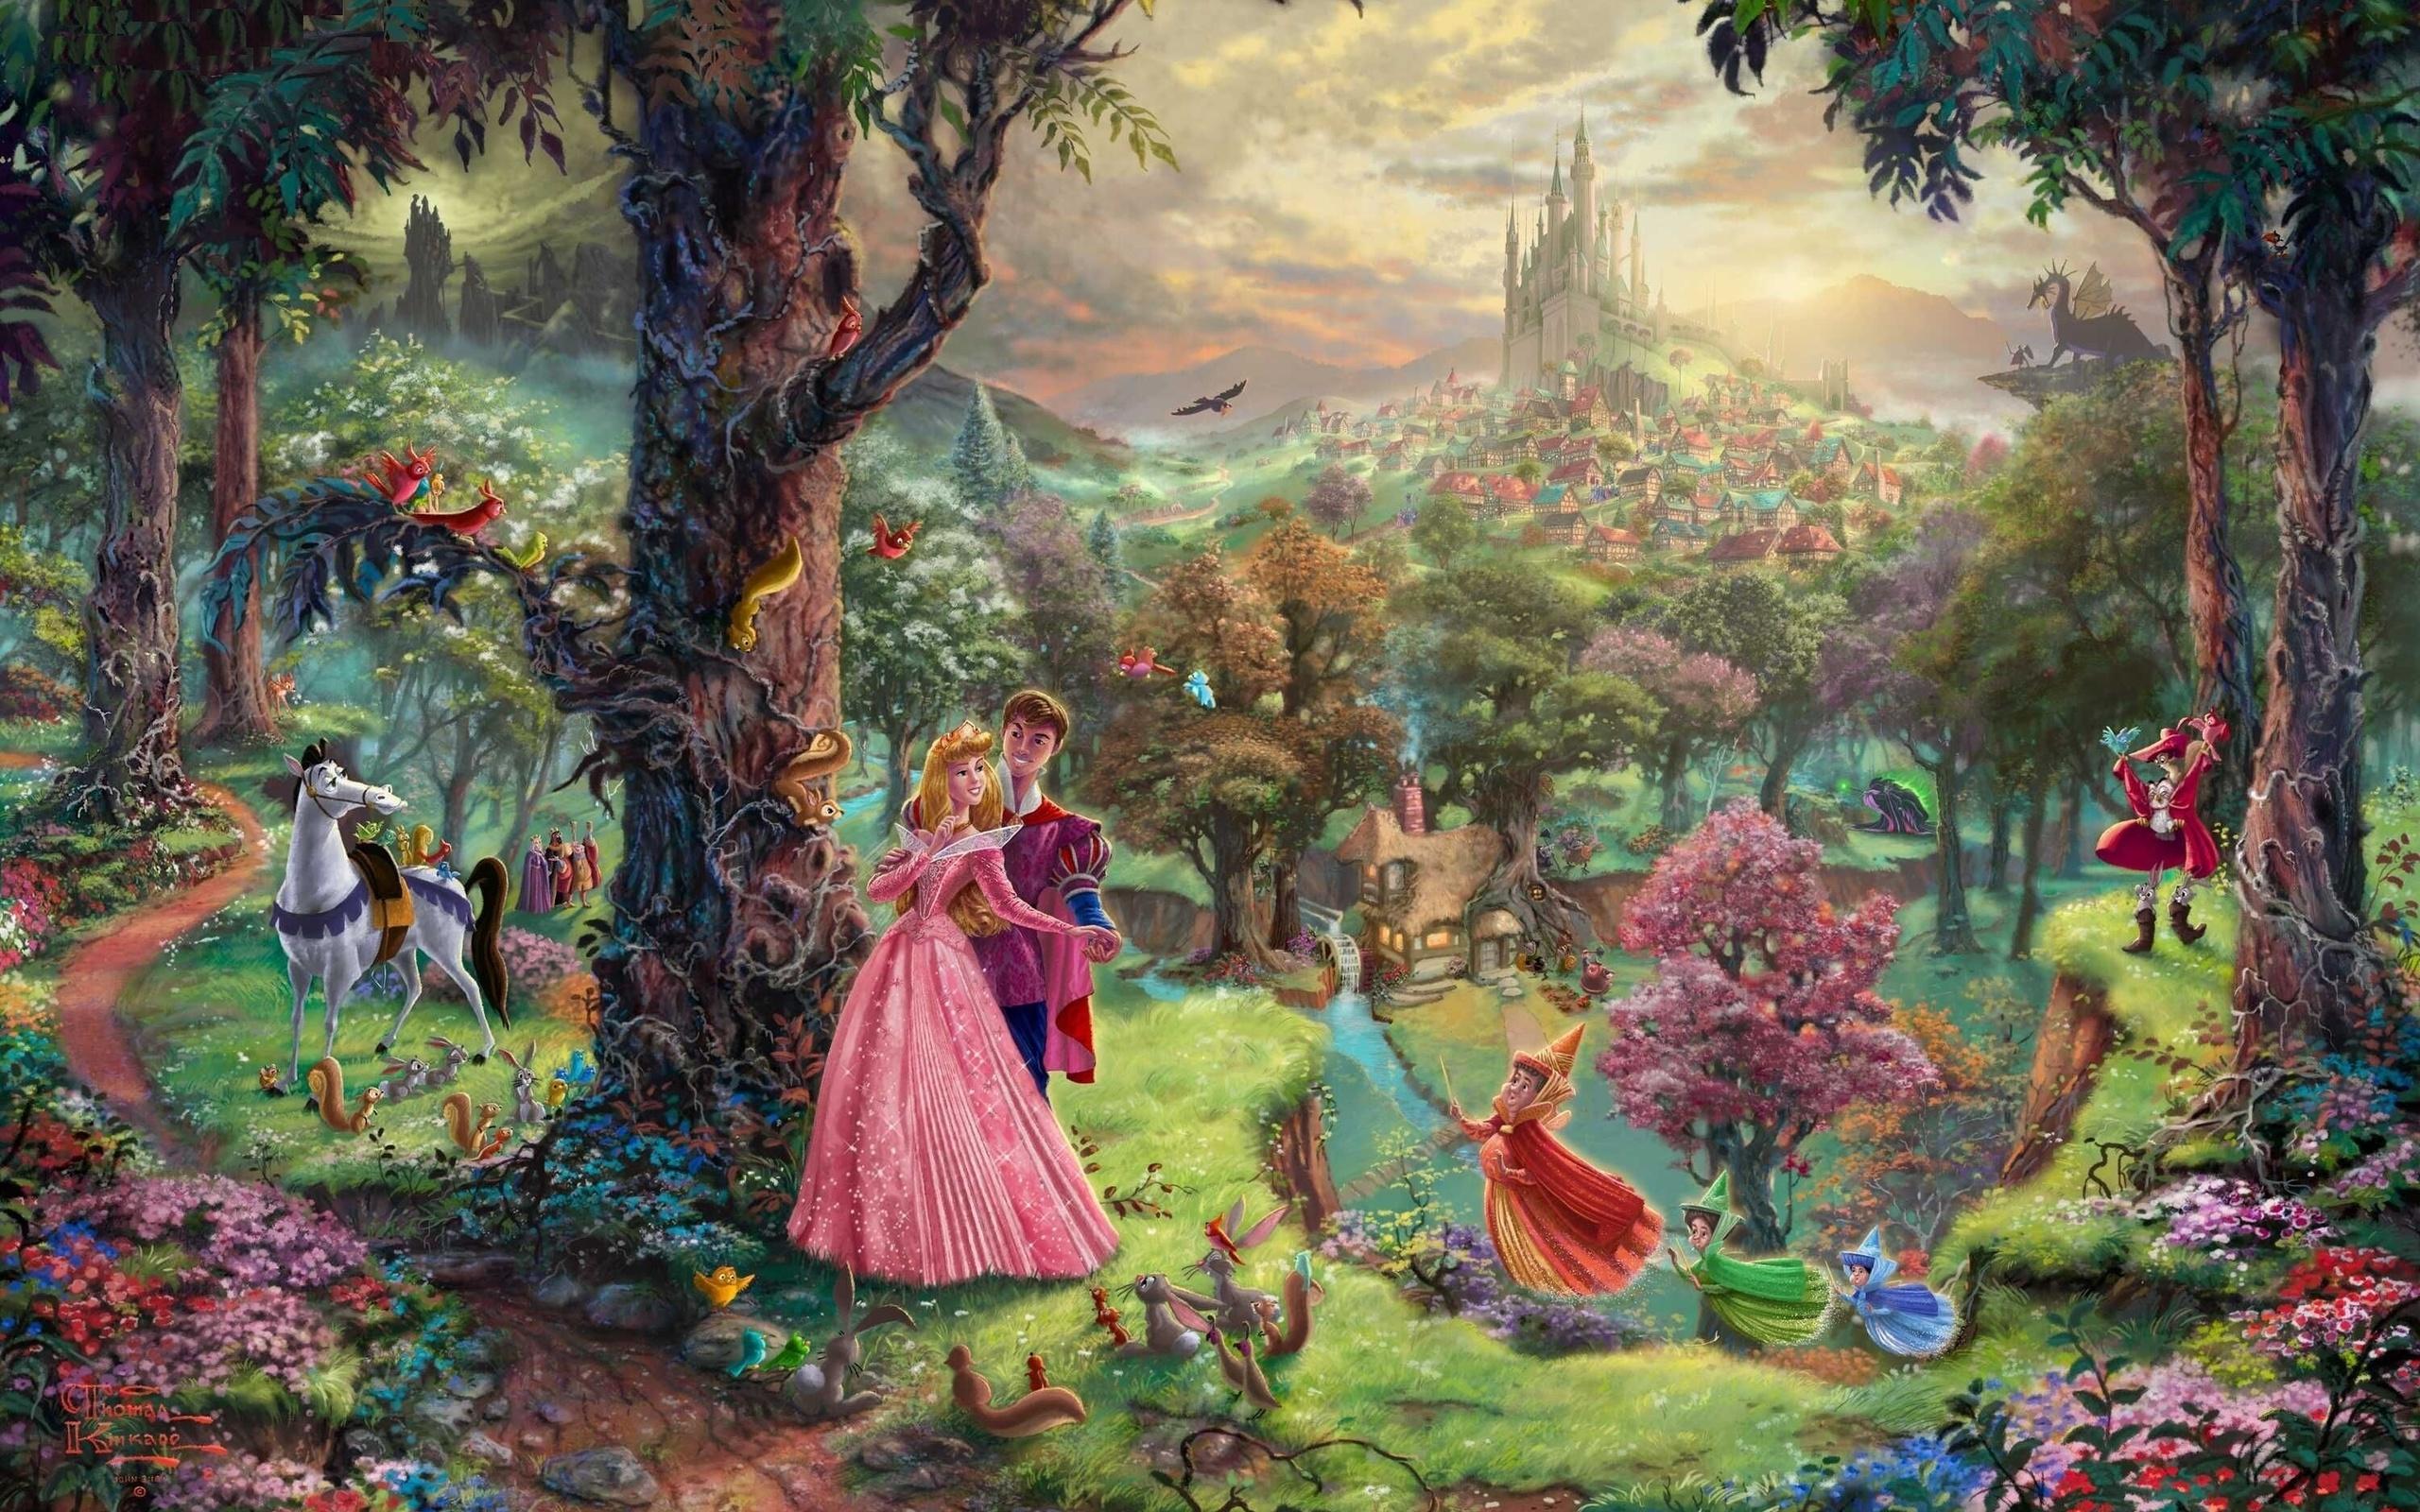 картинки про волшебный мир может